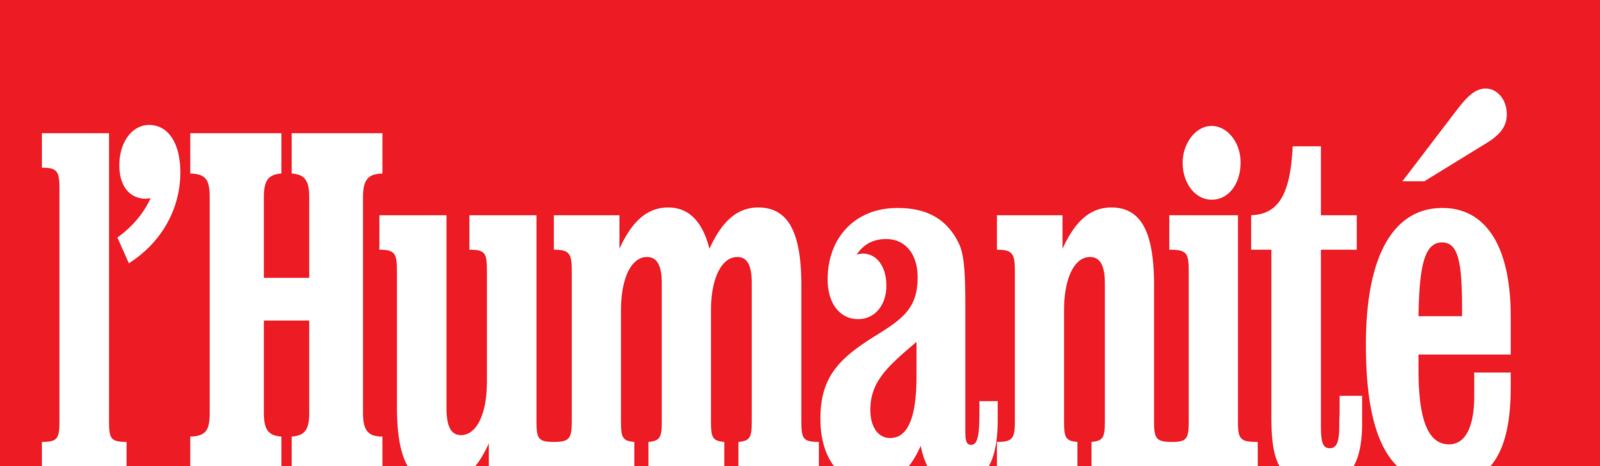 Carnet de L'Humanité - Hommage à Alain David (L'Humanité, 22 mars 2021)